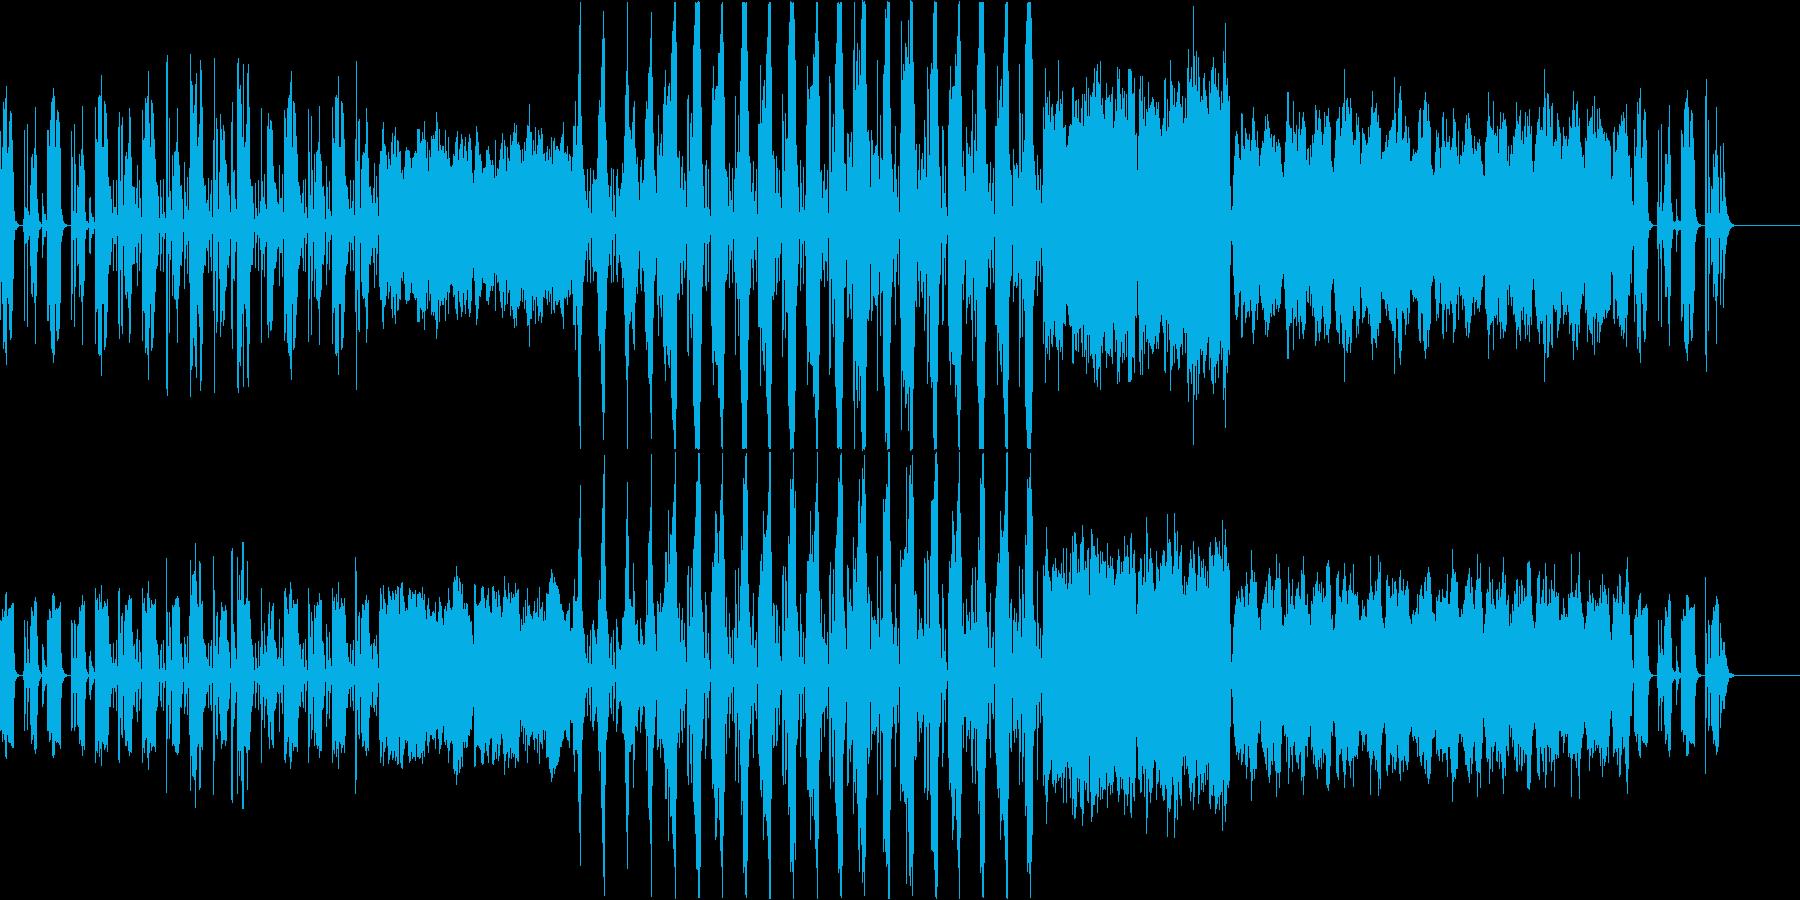 和風テイストでコミカルな楽曲の再生済みの波形